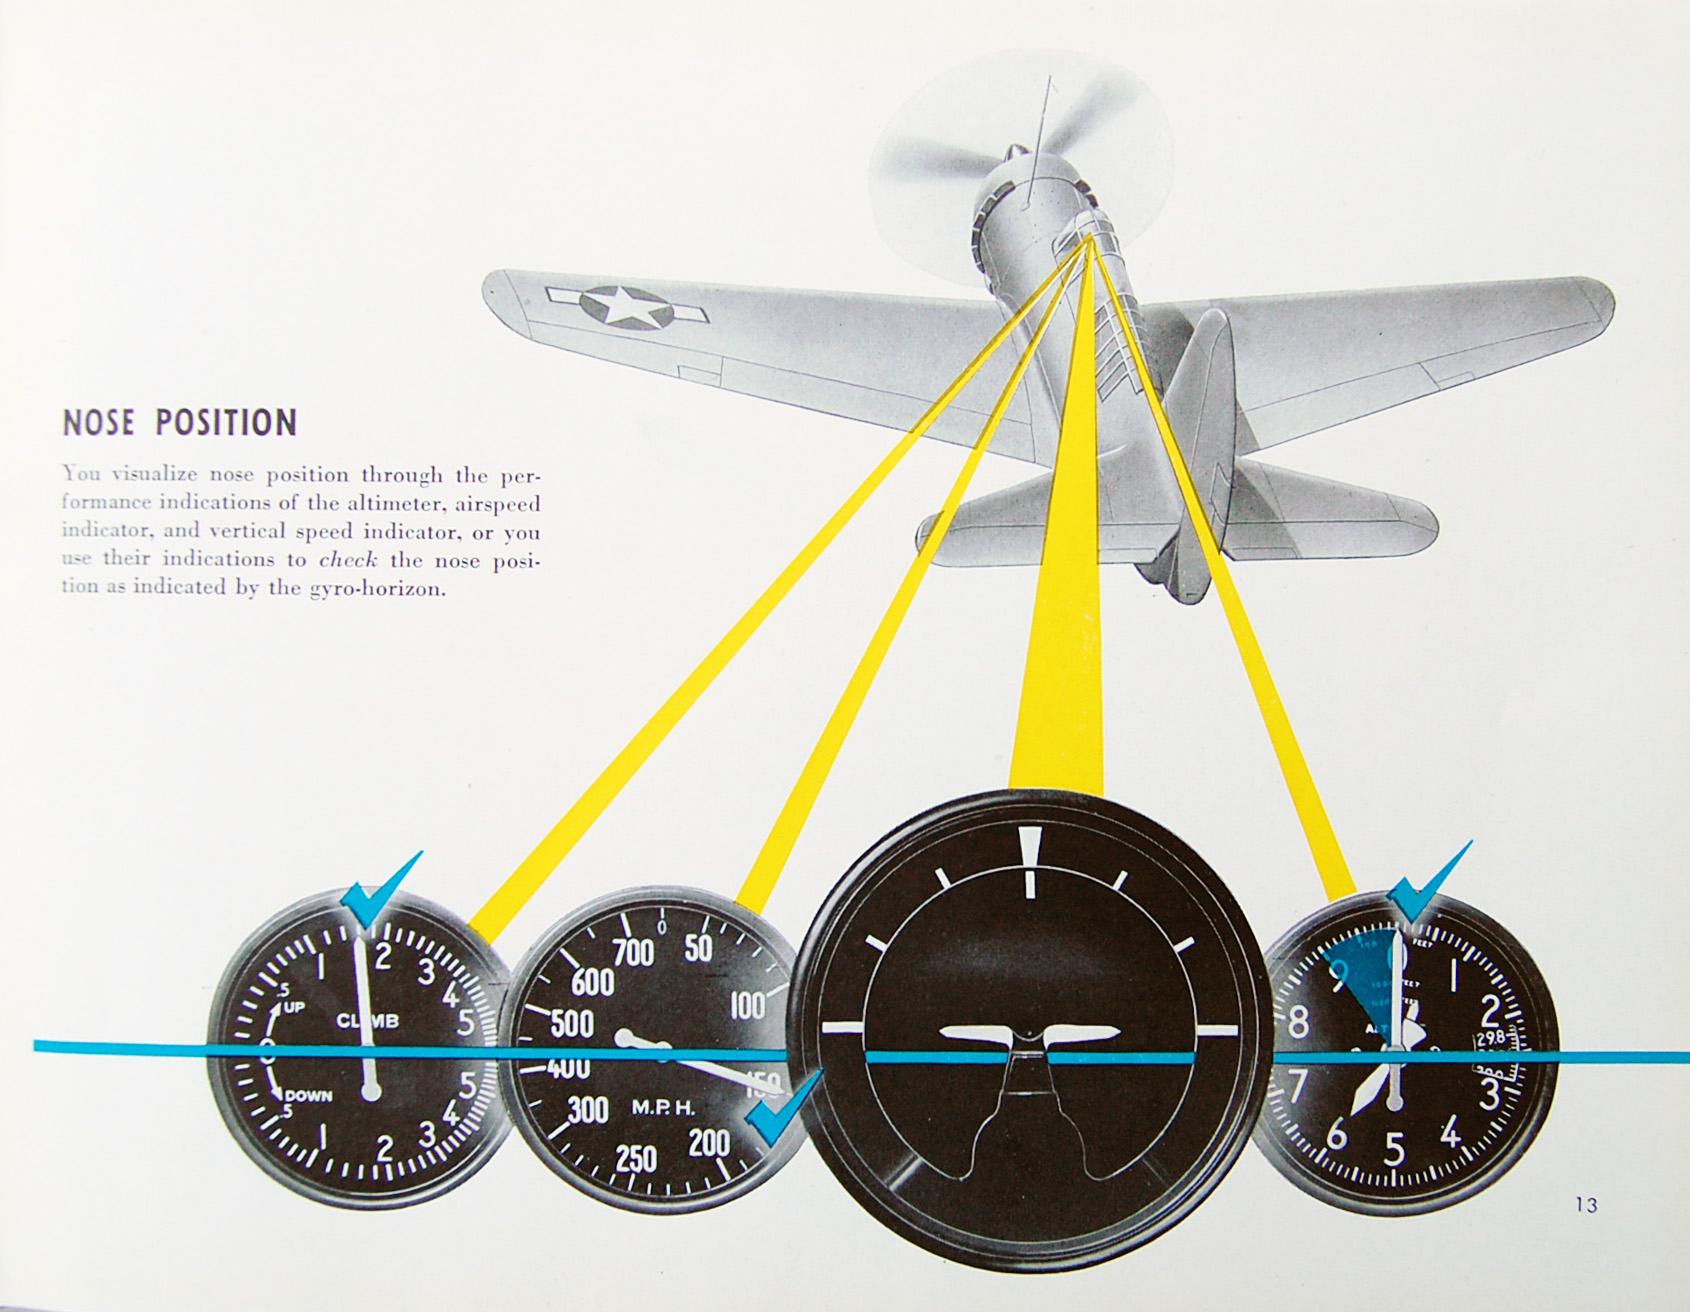 Flight Thru Instruments Manual Nose Position